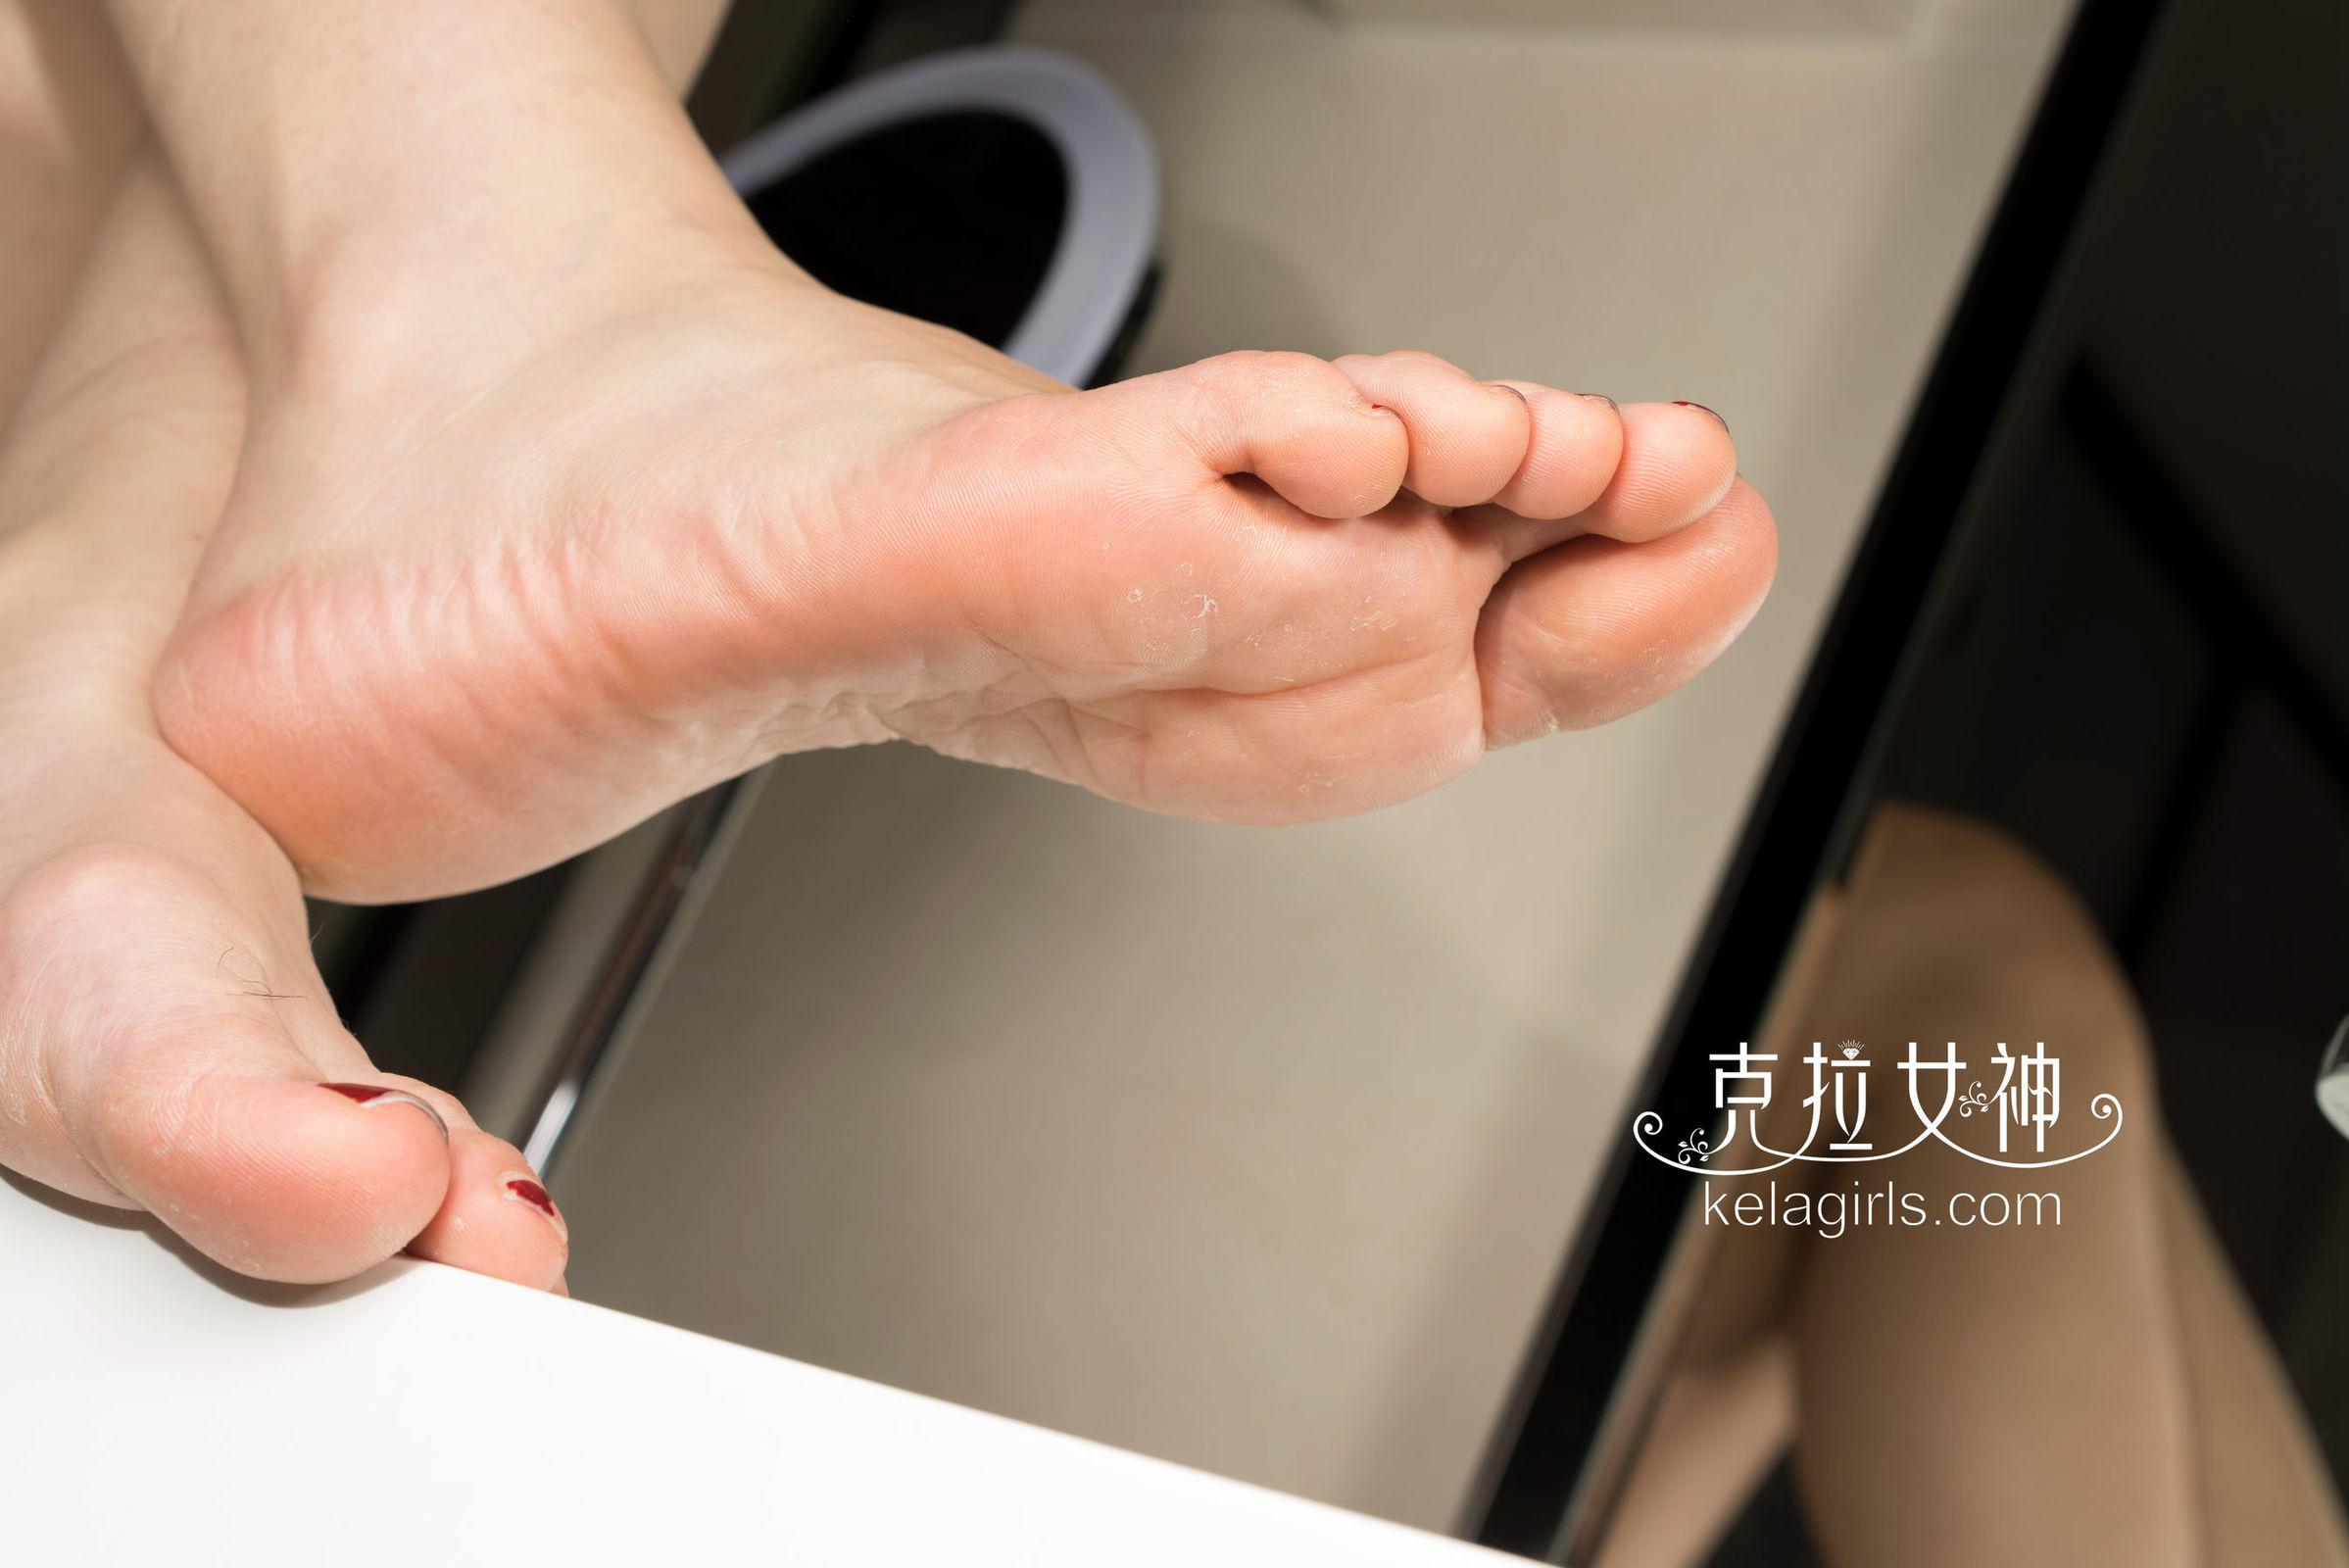 瑞莎 - 超模大脚板 写真套图